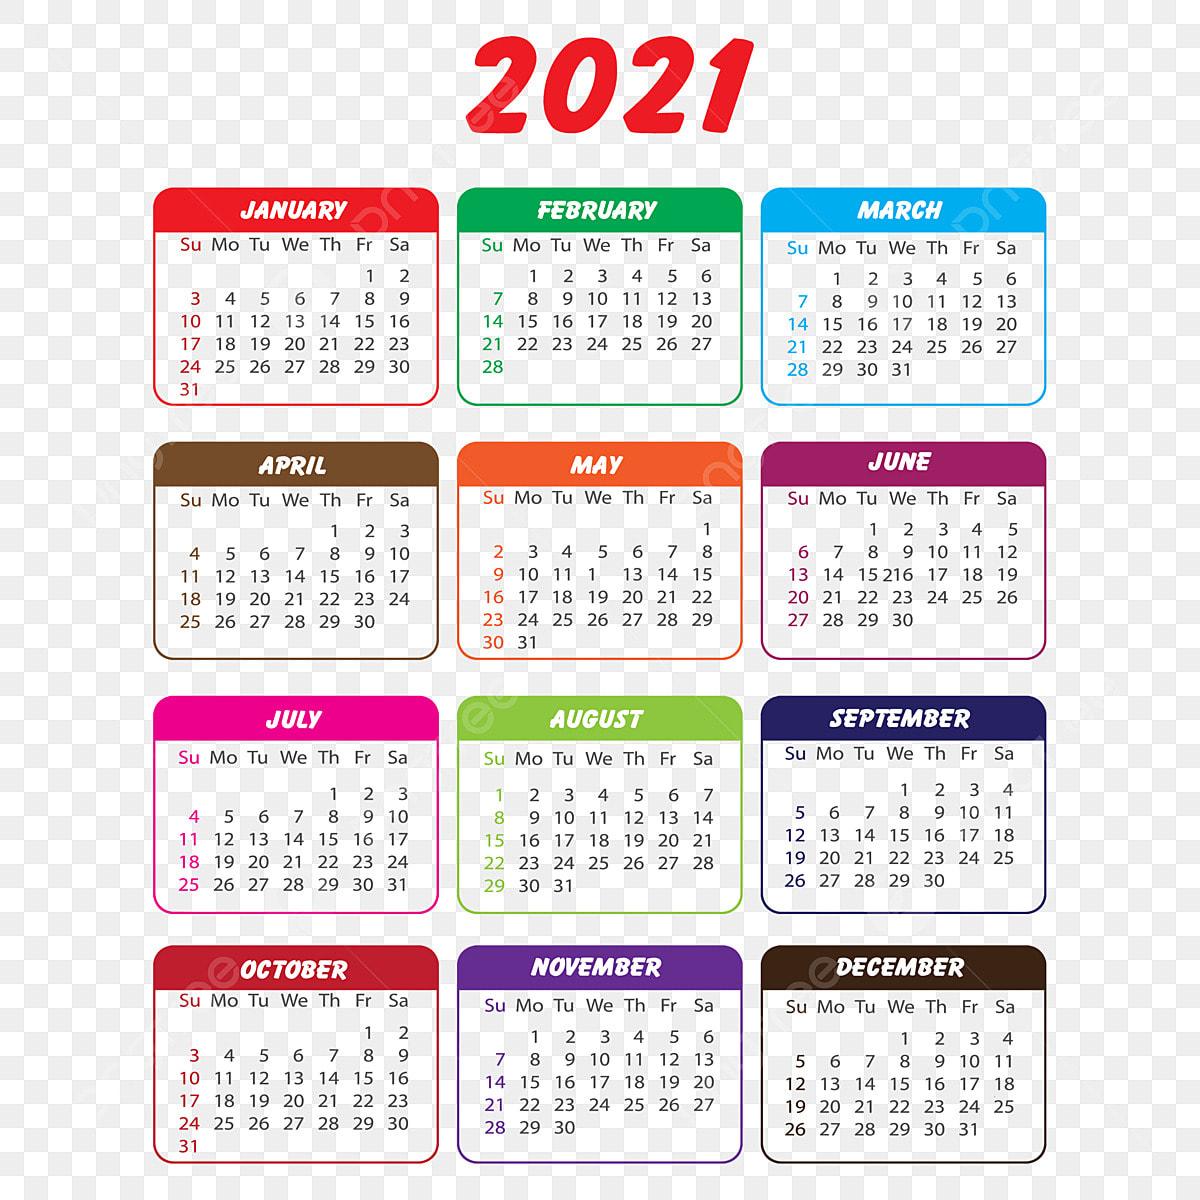 Gambar Kalender 2021 Dalam Berbagai Warna, Kalender 2021 ...